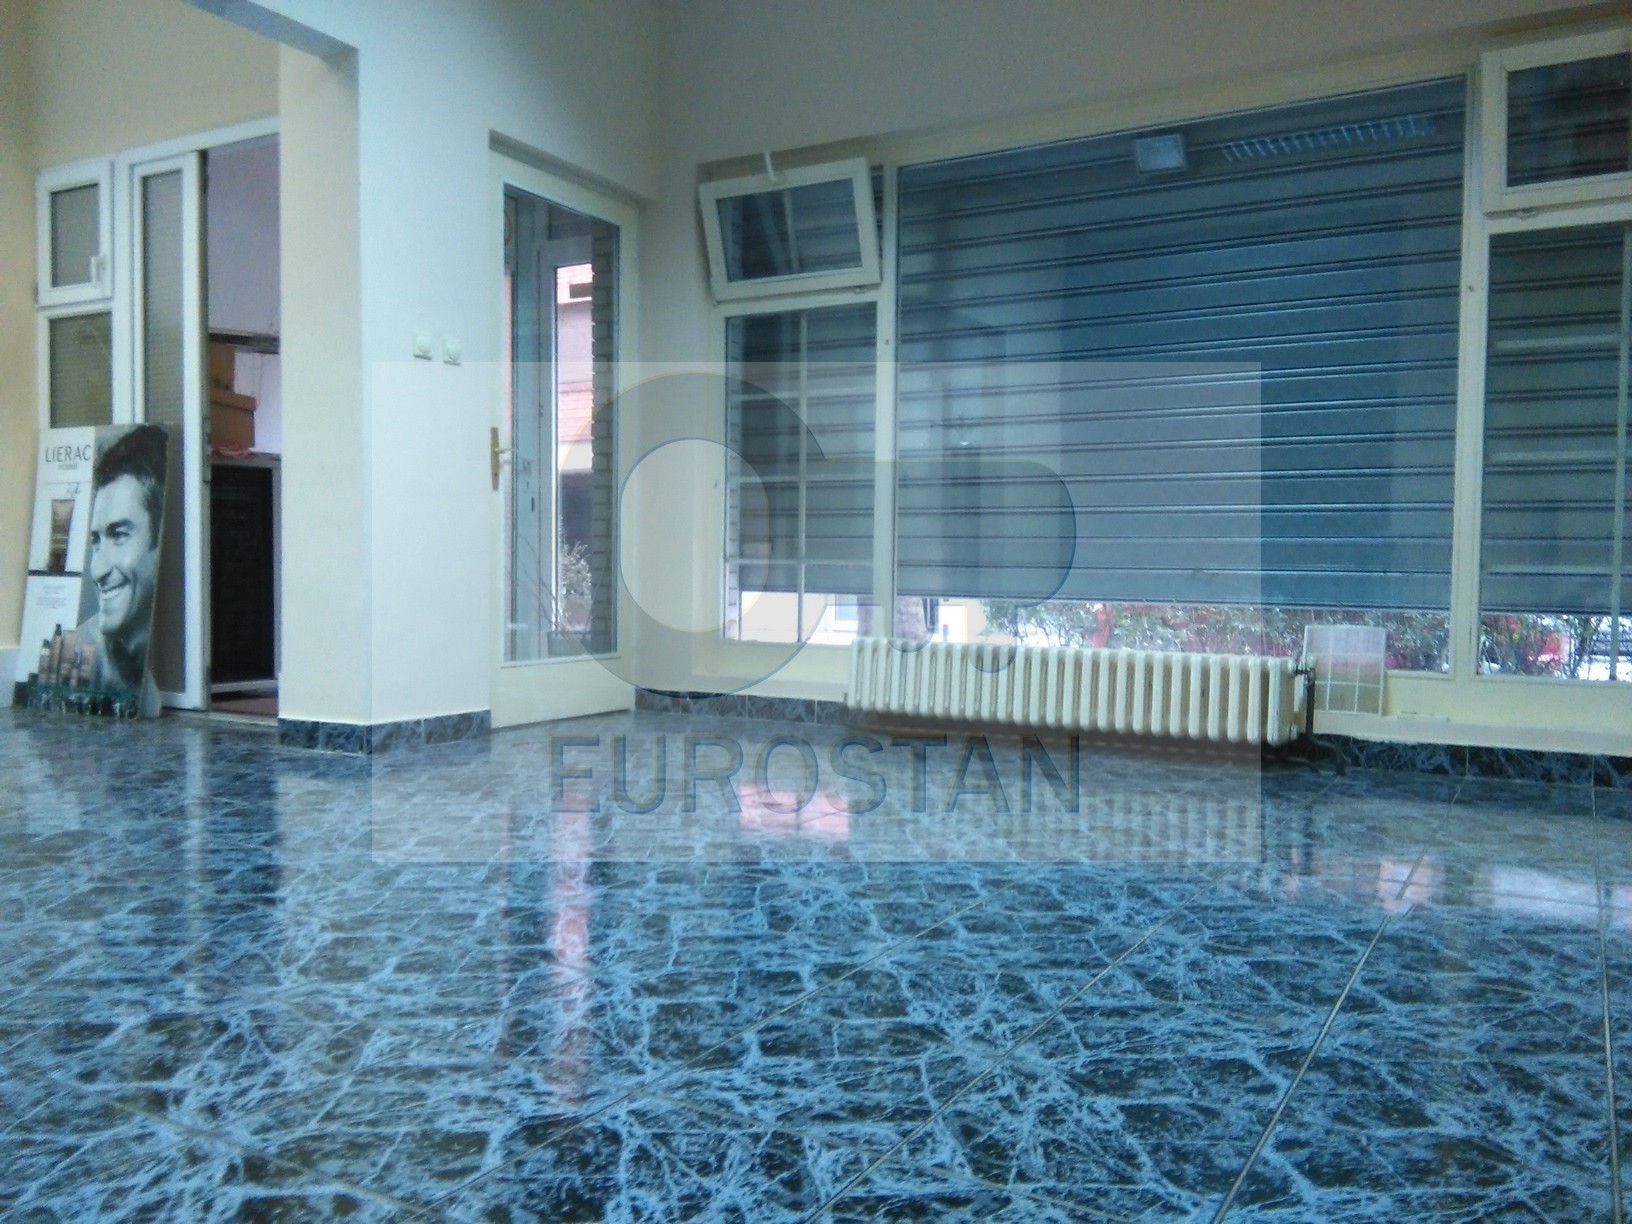 Poslovni prostor VUKOV SPOMENIK 95000 EUR